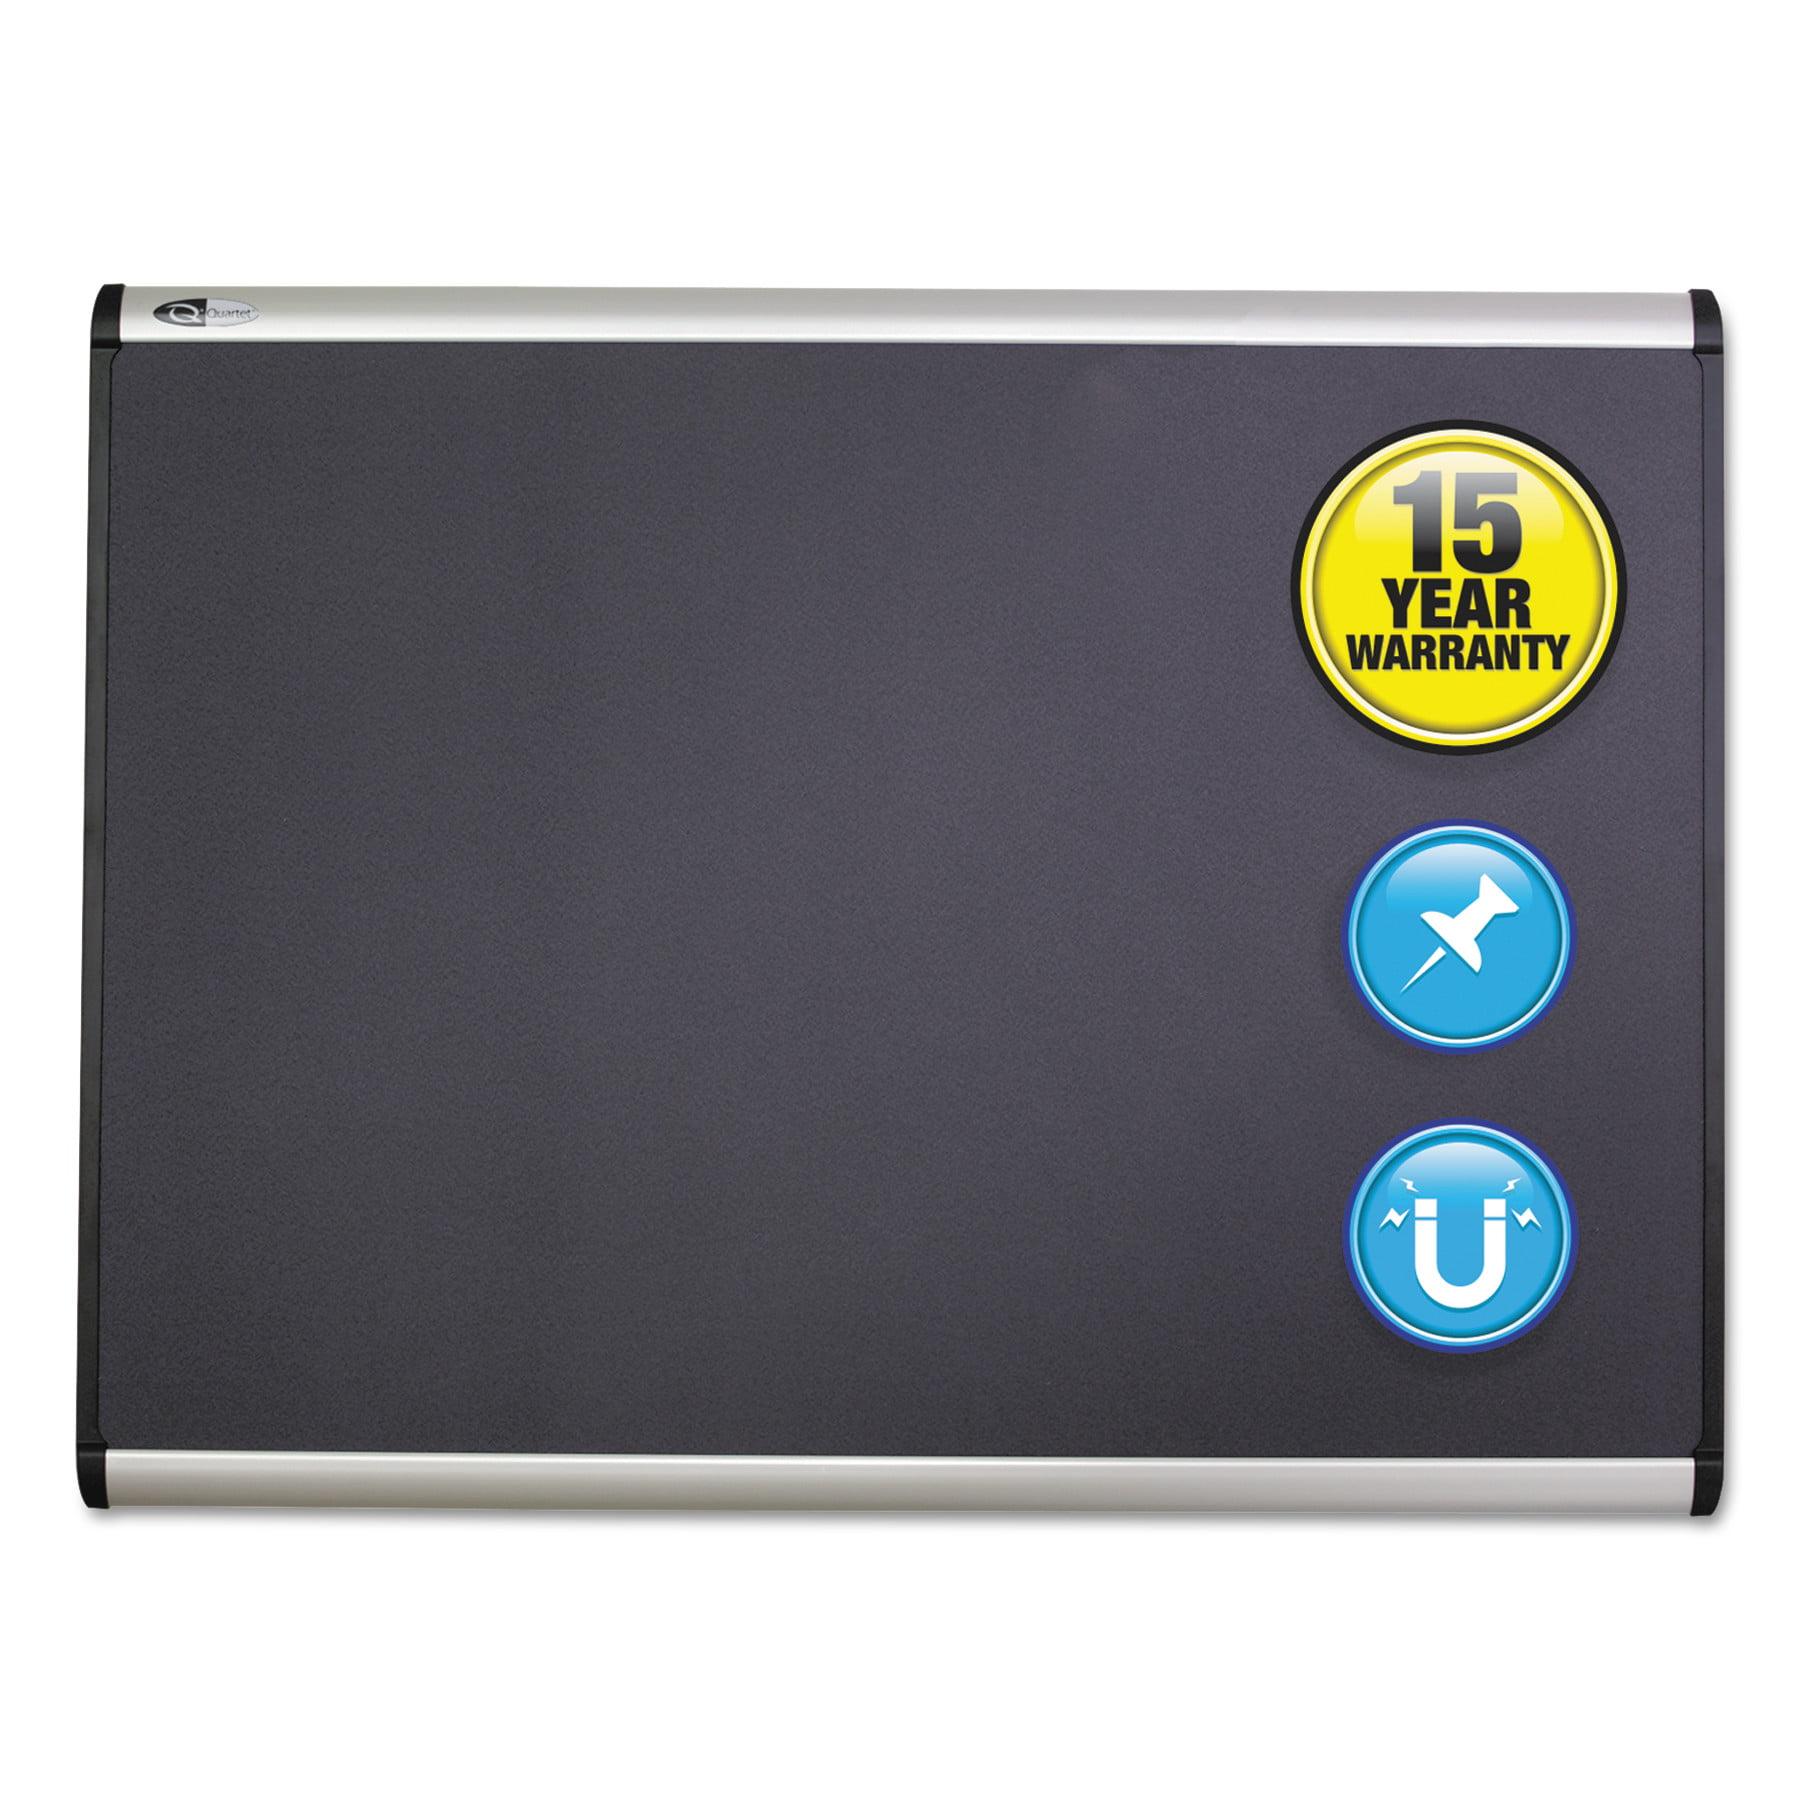 Quartet Prestige Plus Magnetic Fabric Bulletin Board, 72 x 48, Fiberboard/Plastic Frame -QRTMB547A